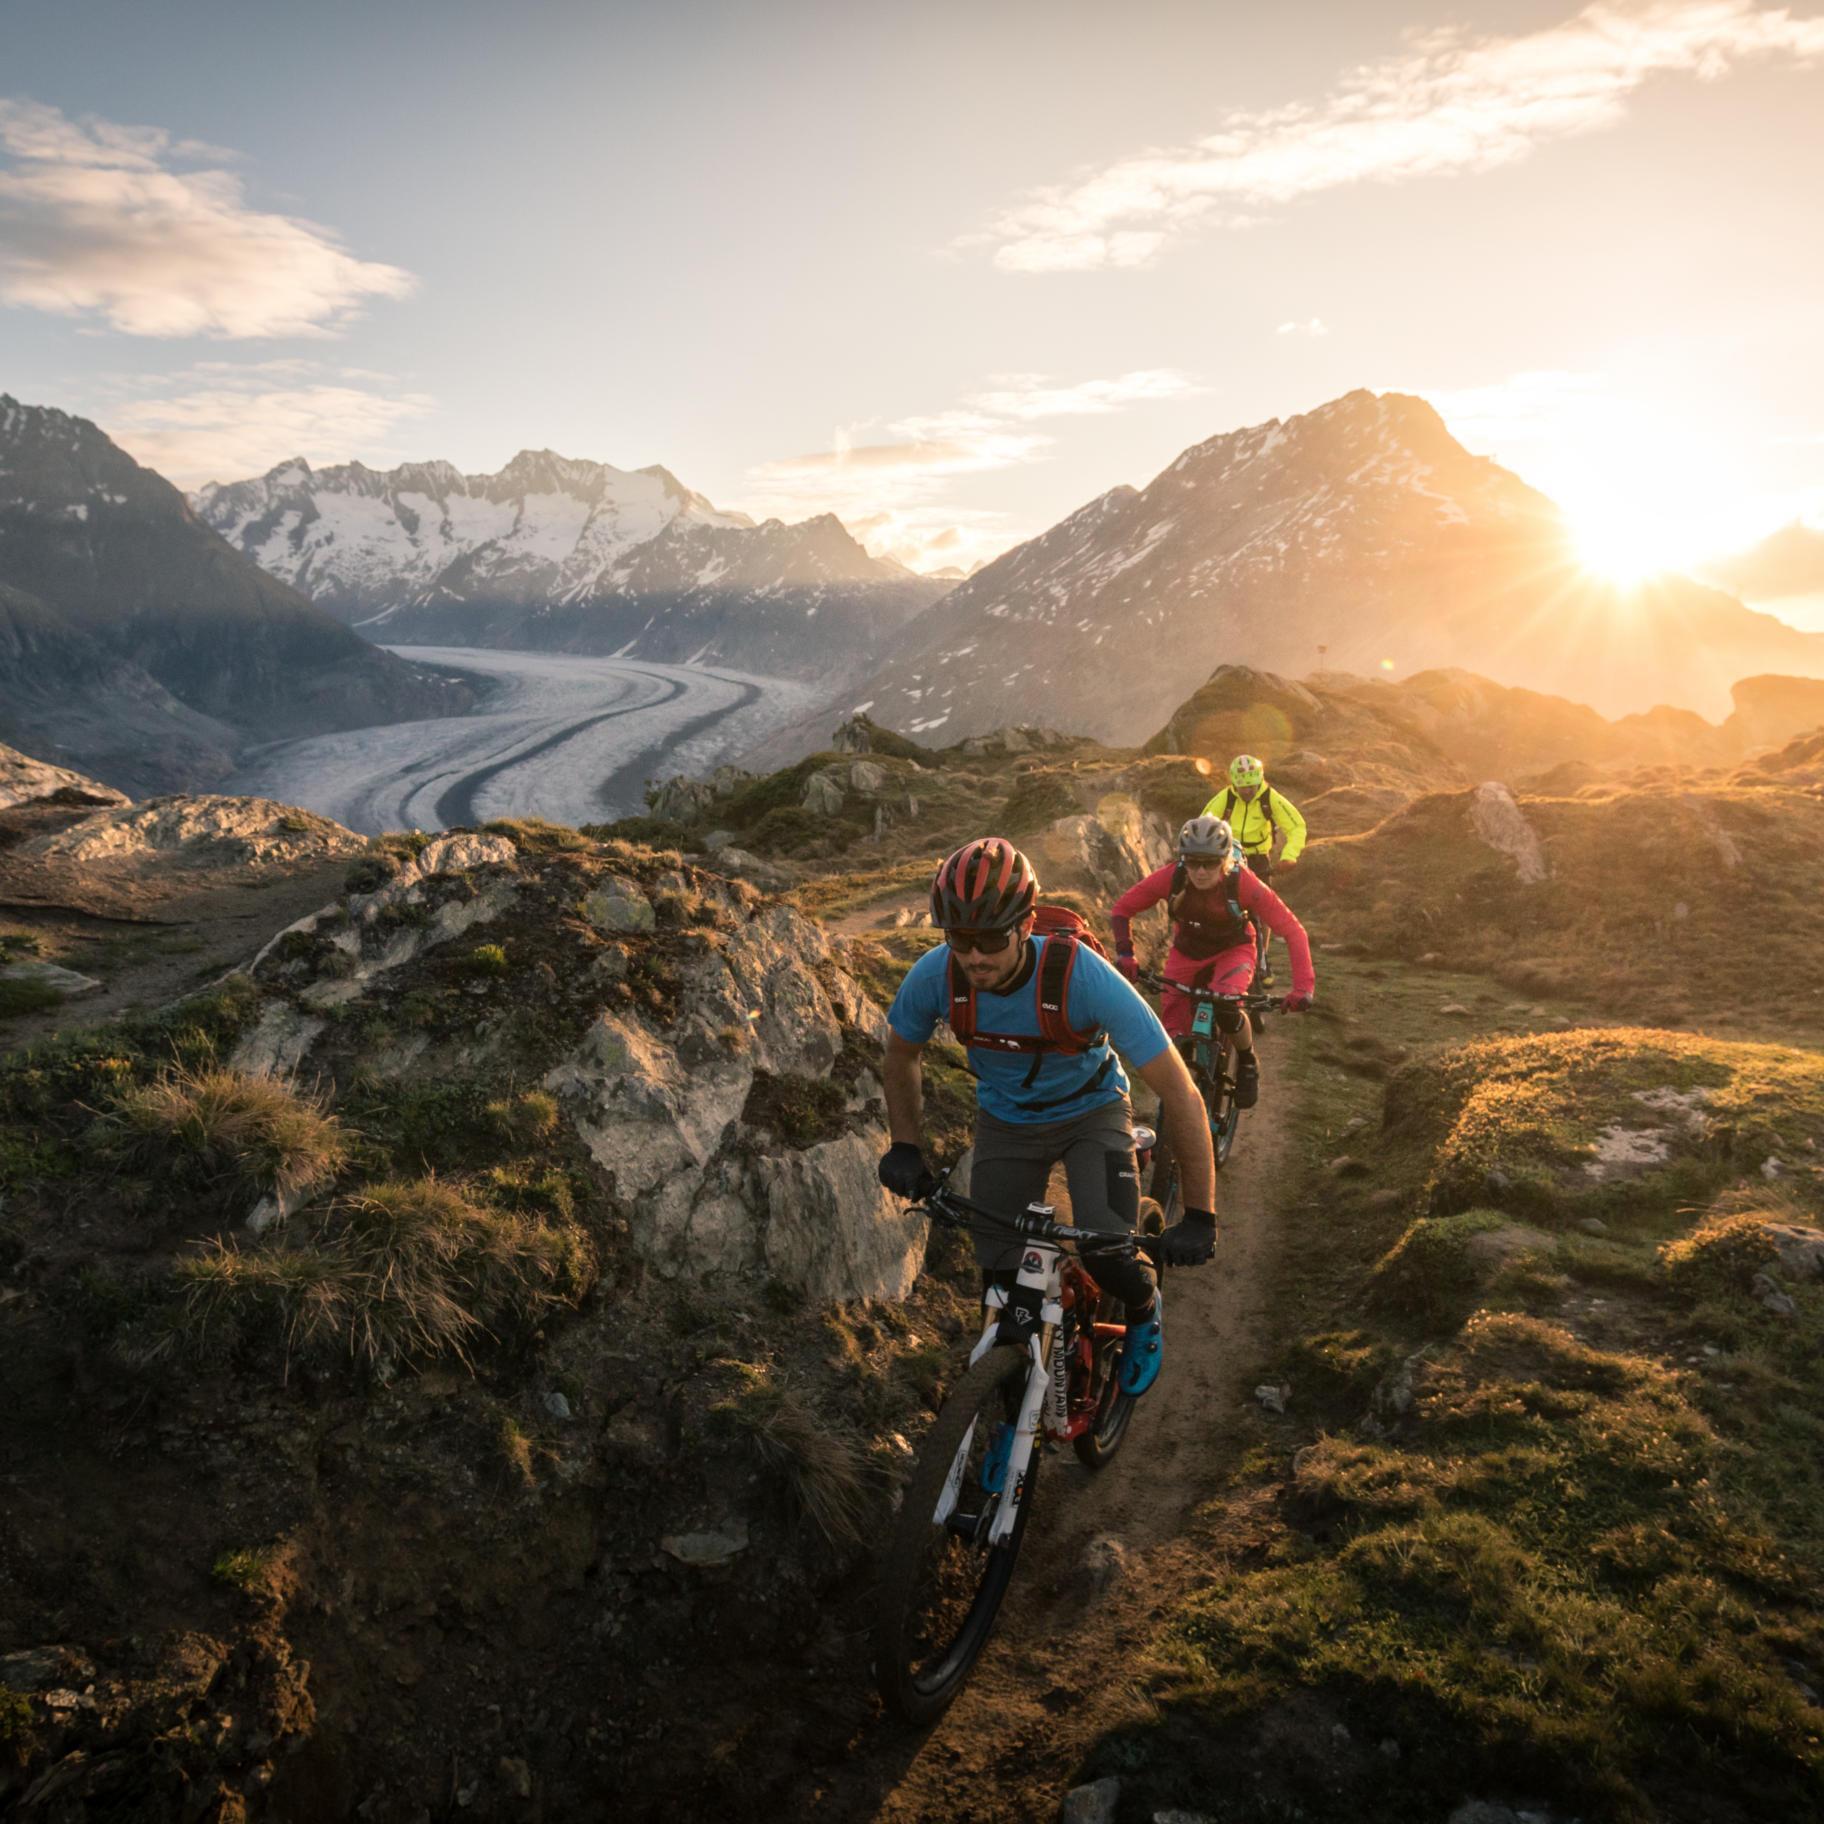 Stoneman-Glaciara-Mountainbike-Schweiz-Matterhorn-Aletsch-MTB-Tour-Abenteuer-Event 01